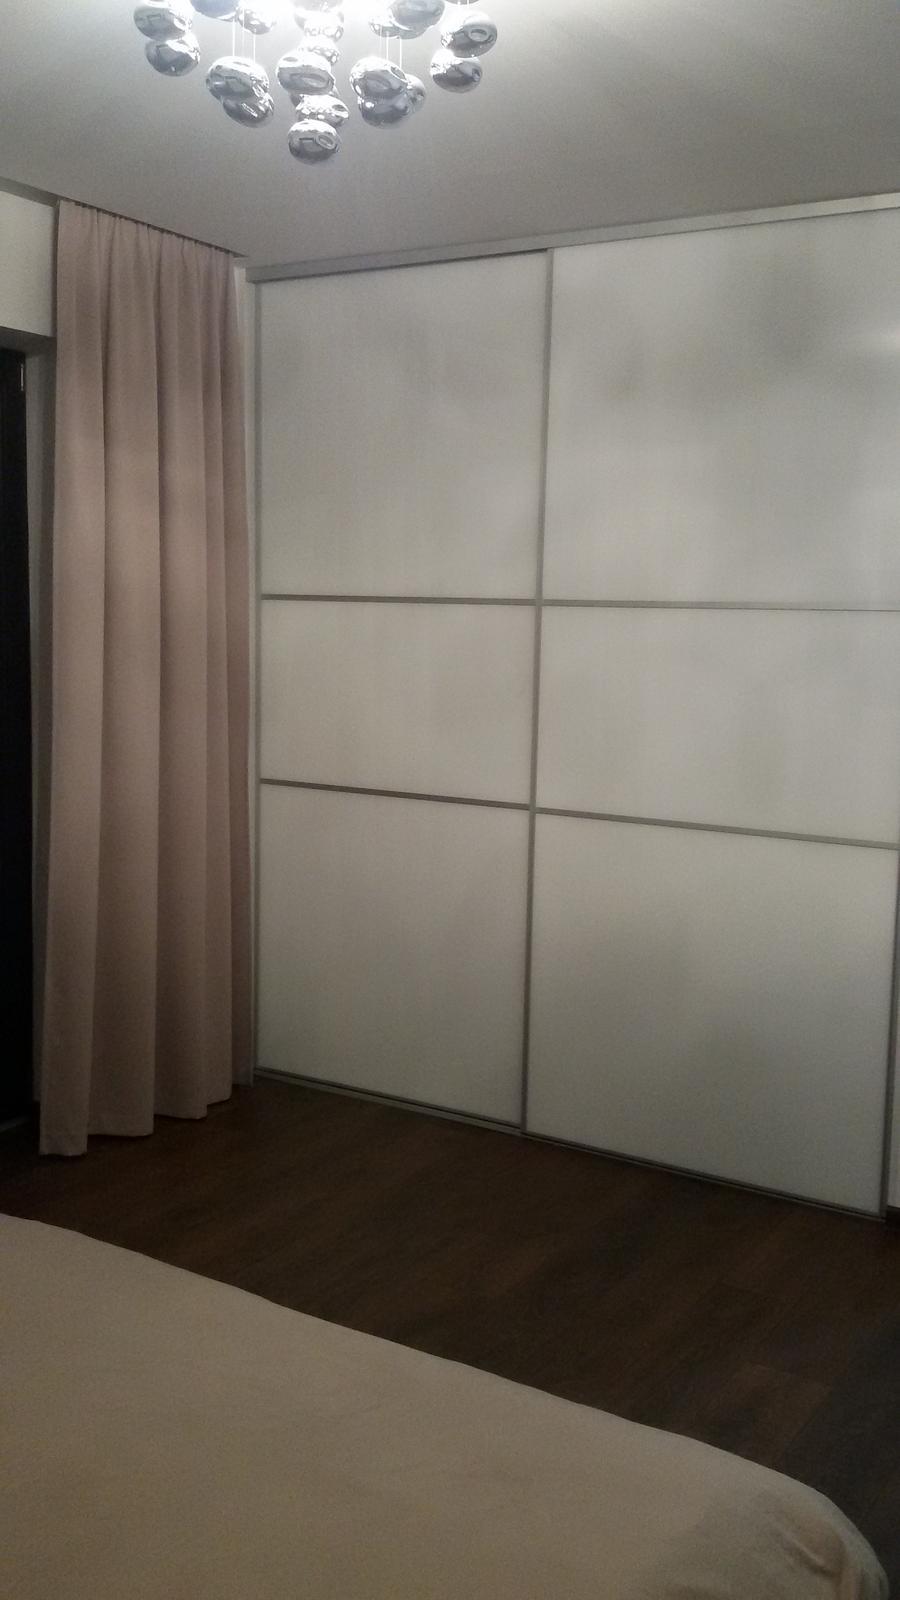 Inšpirovaný MUZOu - skriňa spálňa - Lacobel pure white